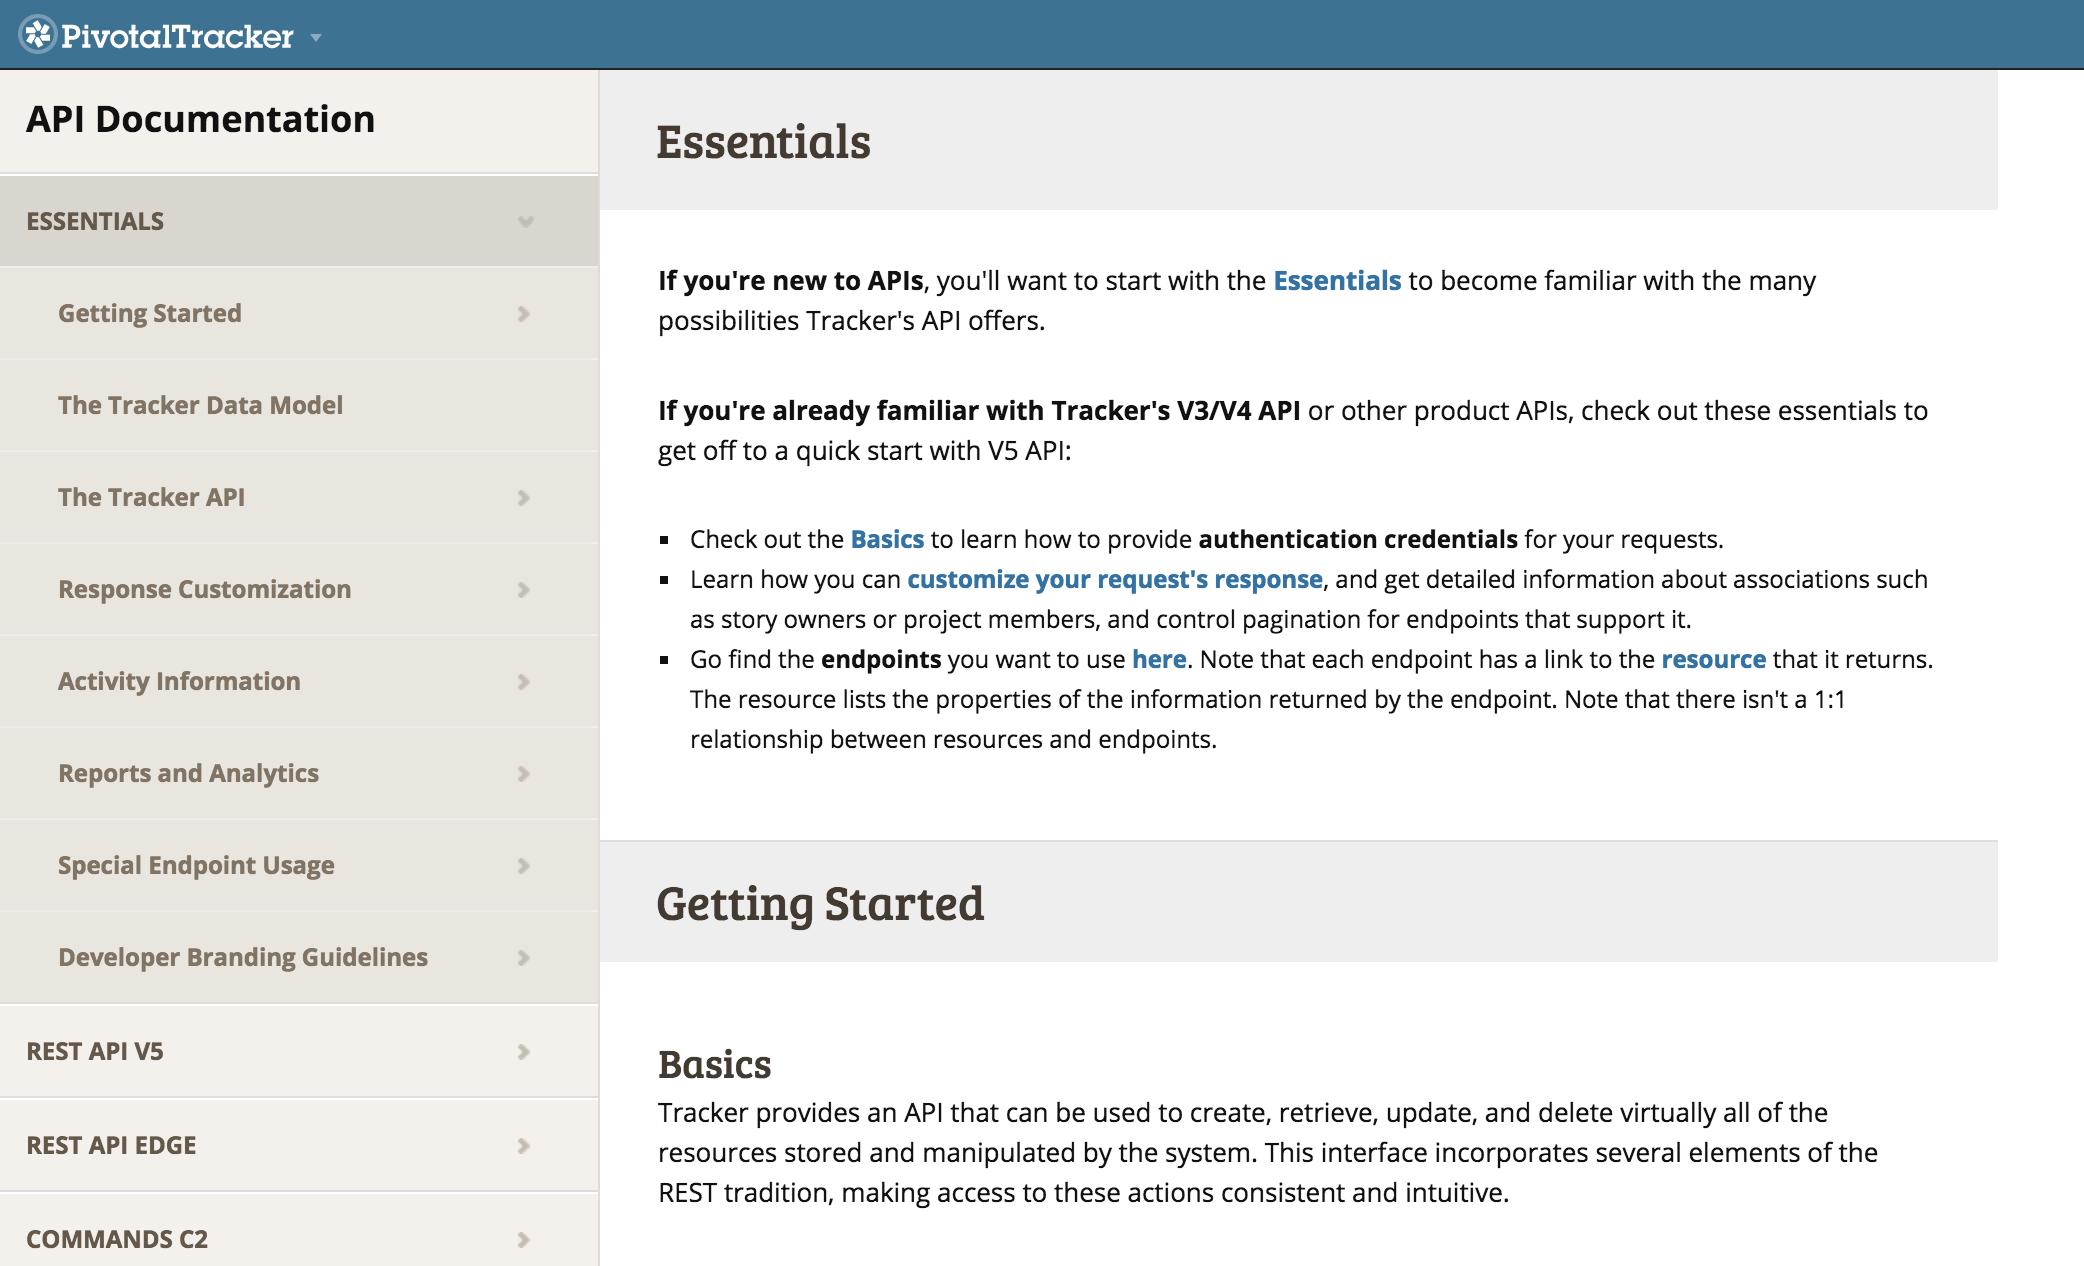 Pivotal Tracker API